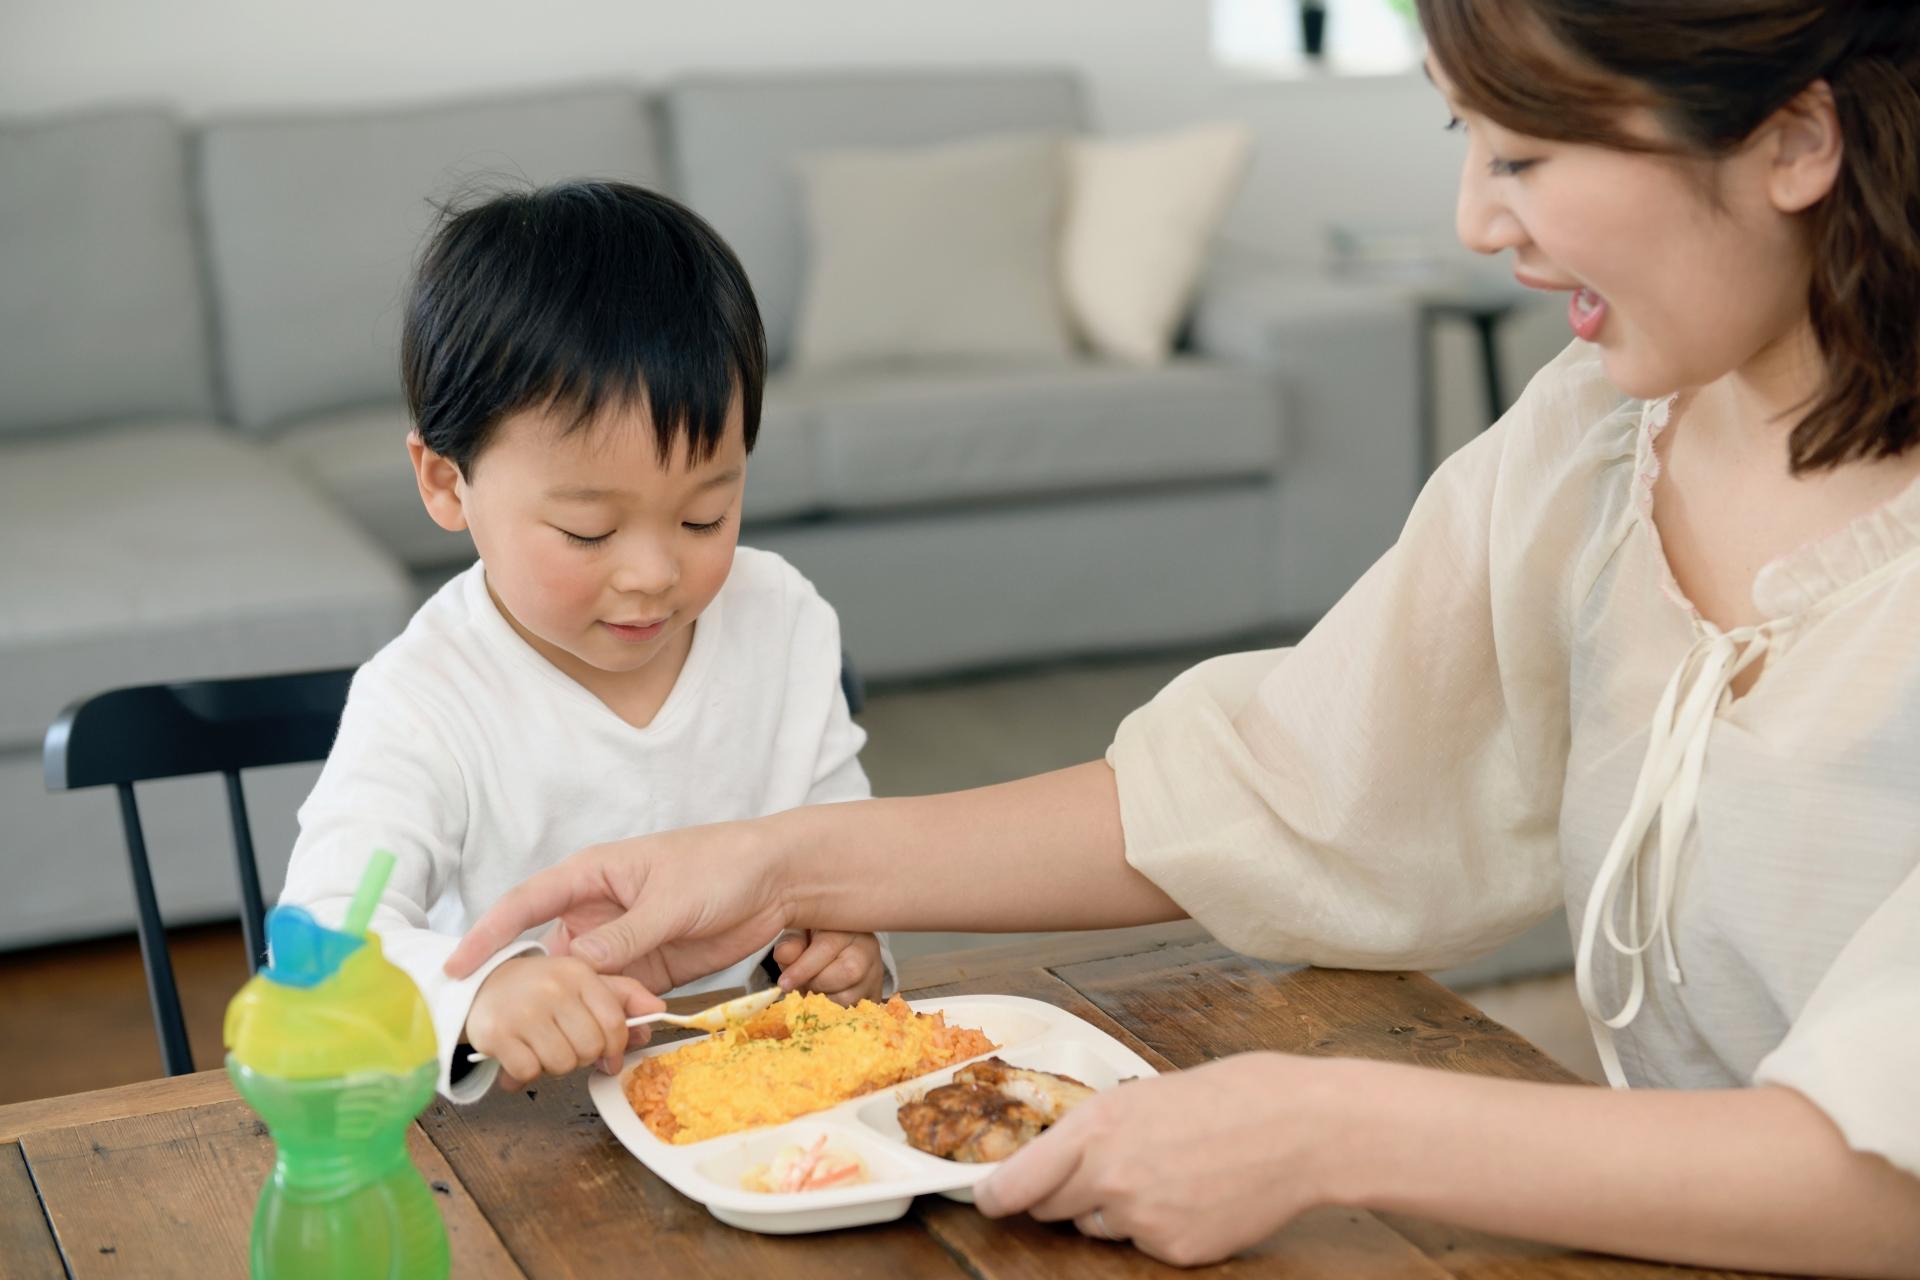 朝ごはんを食べない子供にはまずここから!子供の朝ごはん事情